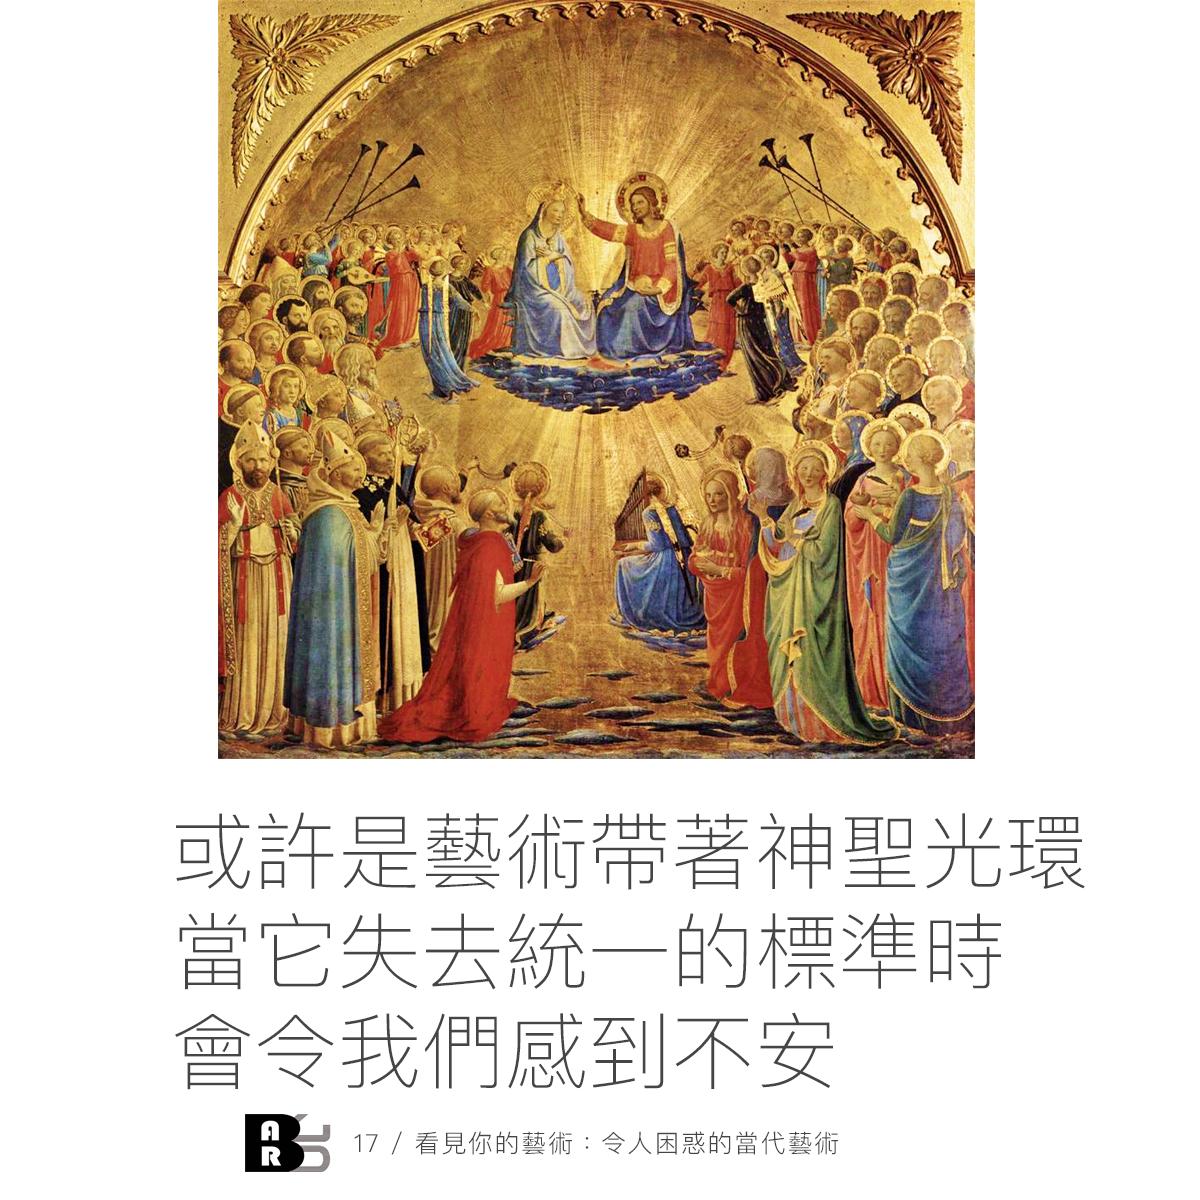 安杰立柯(Fran Angelico),《聖母加冕》,1432-1435。